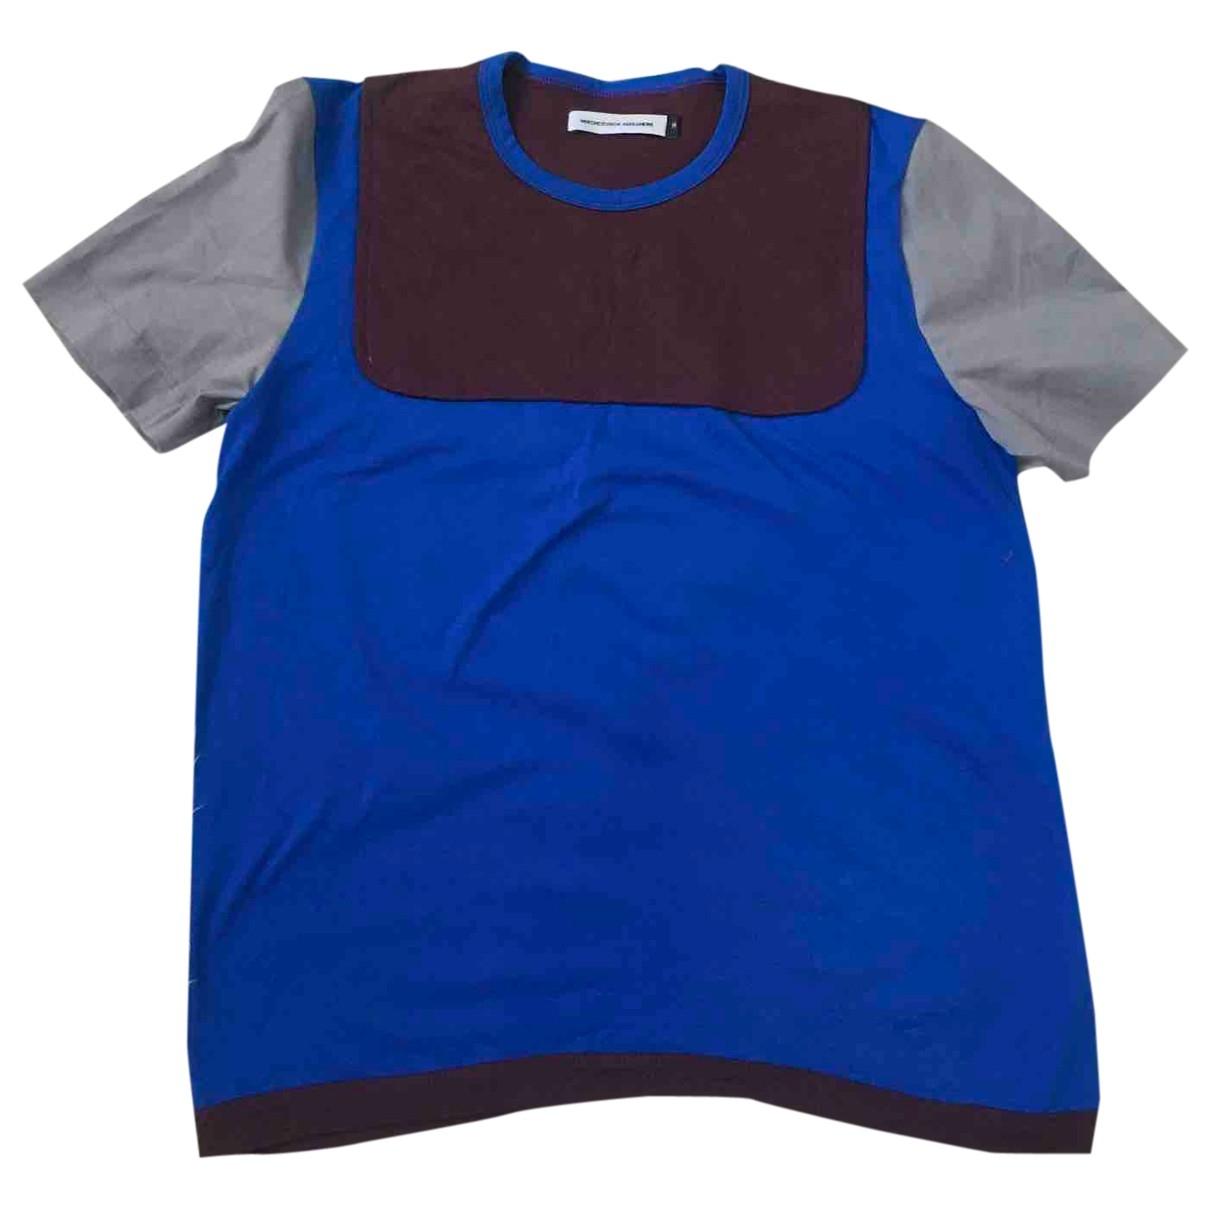 Alexandre Herchcovitch - Tee shirts   pour homme en coton - bleu